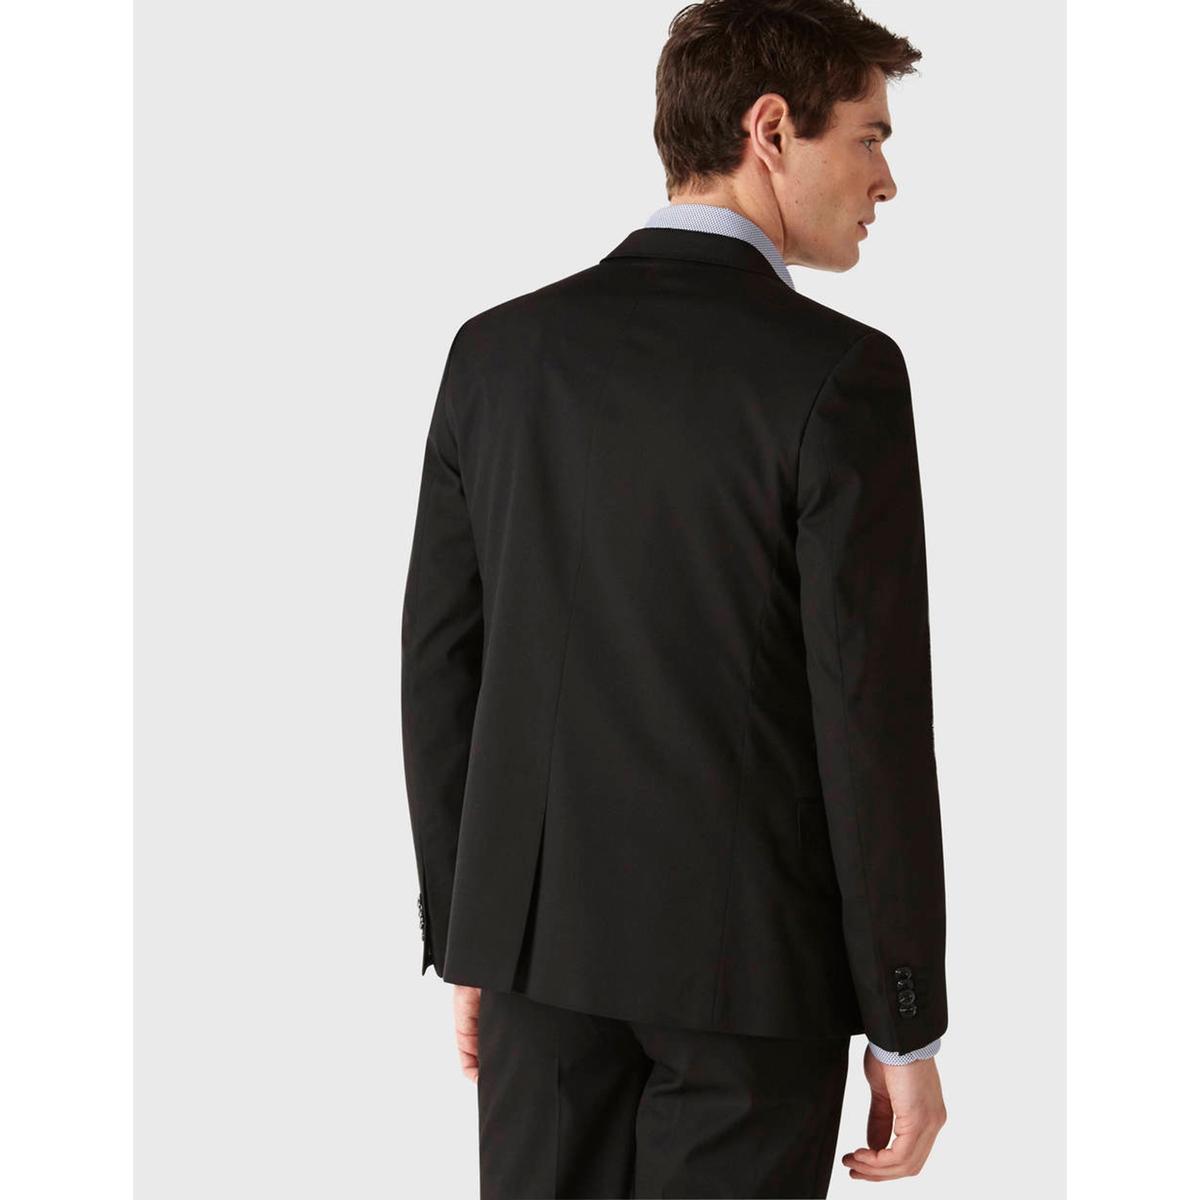 Пиджак TuskinnyПиджак TUSKINNY - CELIO. Зауженный приталенный покрой, костюмный воротник. 2 боковых кармана с клапаном и нагрудный карман. Слегка закругленный низ.Состав и описаниеМатериал : 73% полиэстера, 24% вискозы, 3% эластана            Марка : CELIO<br><br>Цвет: черный<br>Размер: 46.50